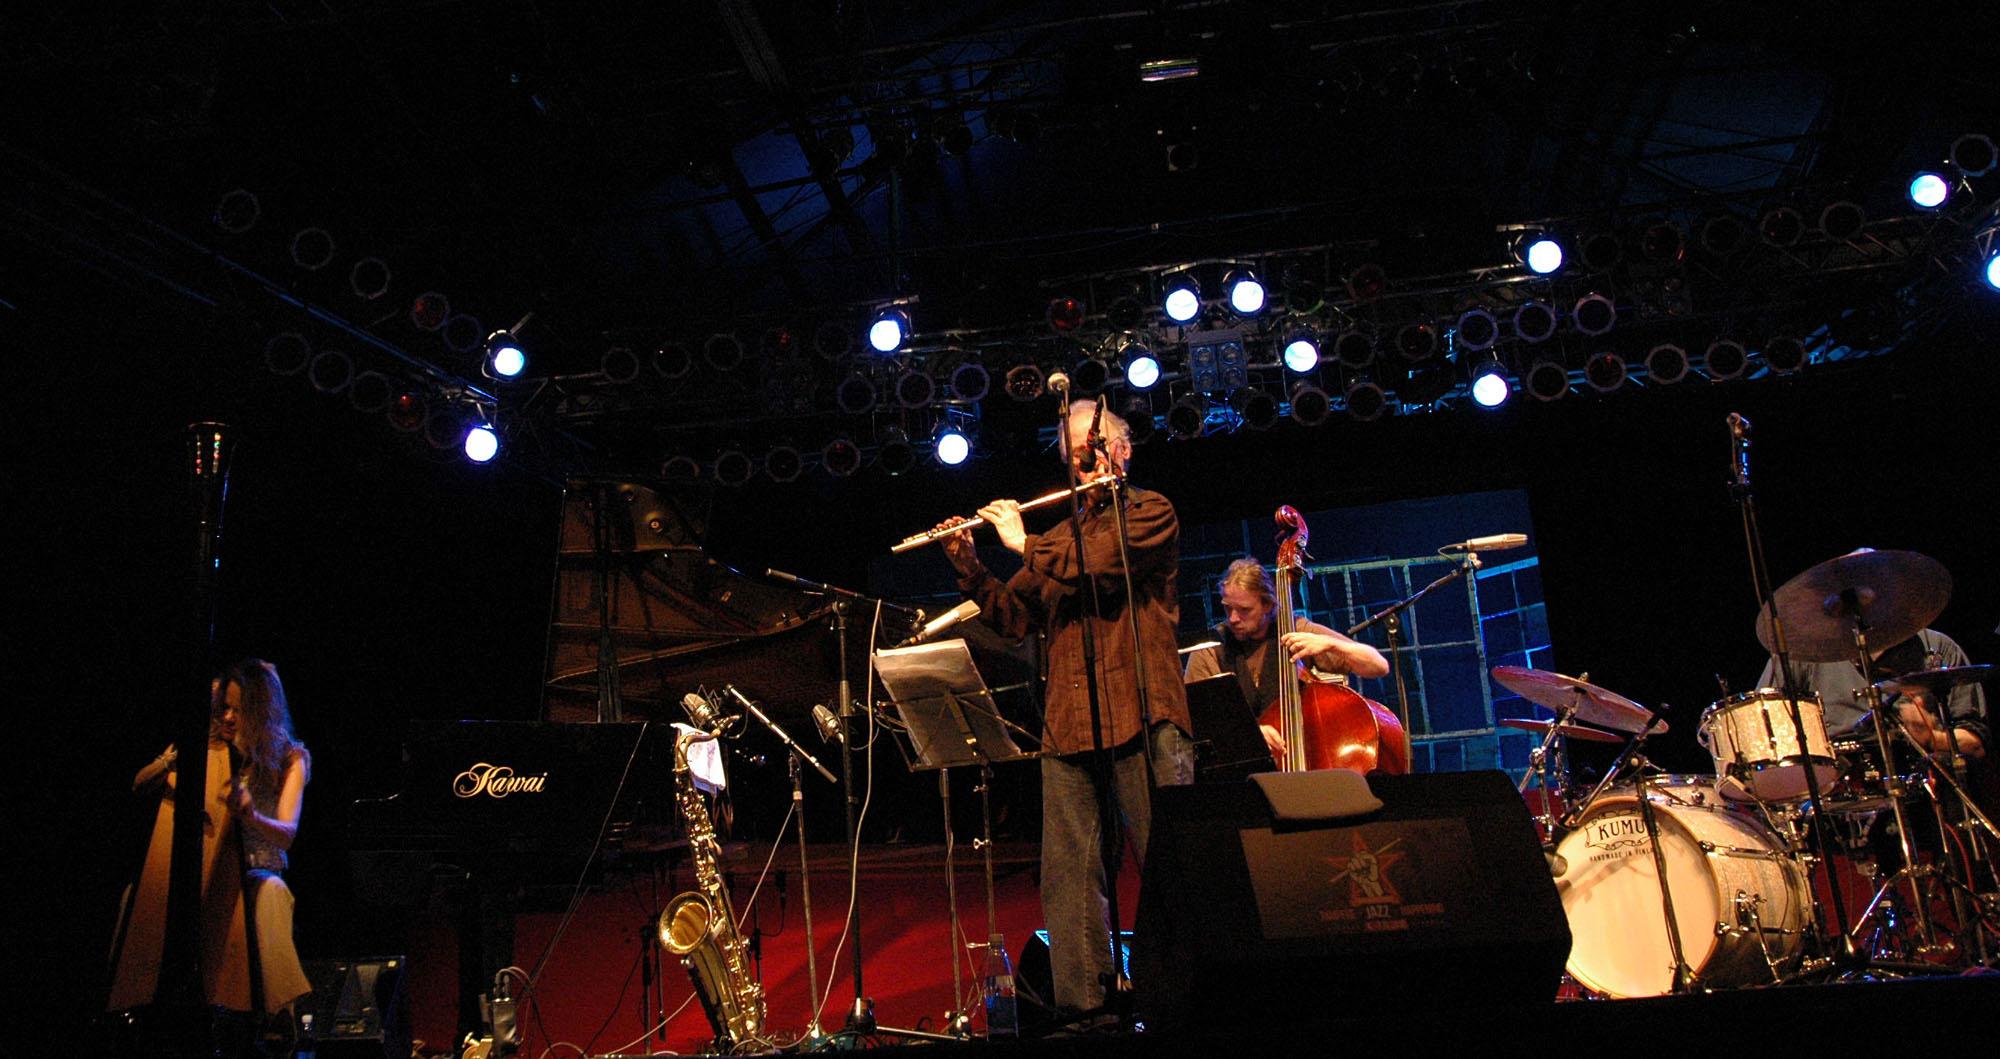 Juhani Aaltonen Quartet at 2010 Tampere Jazz Happening